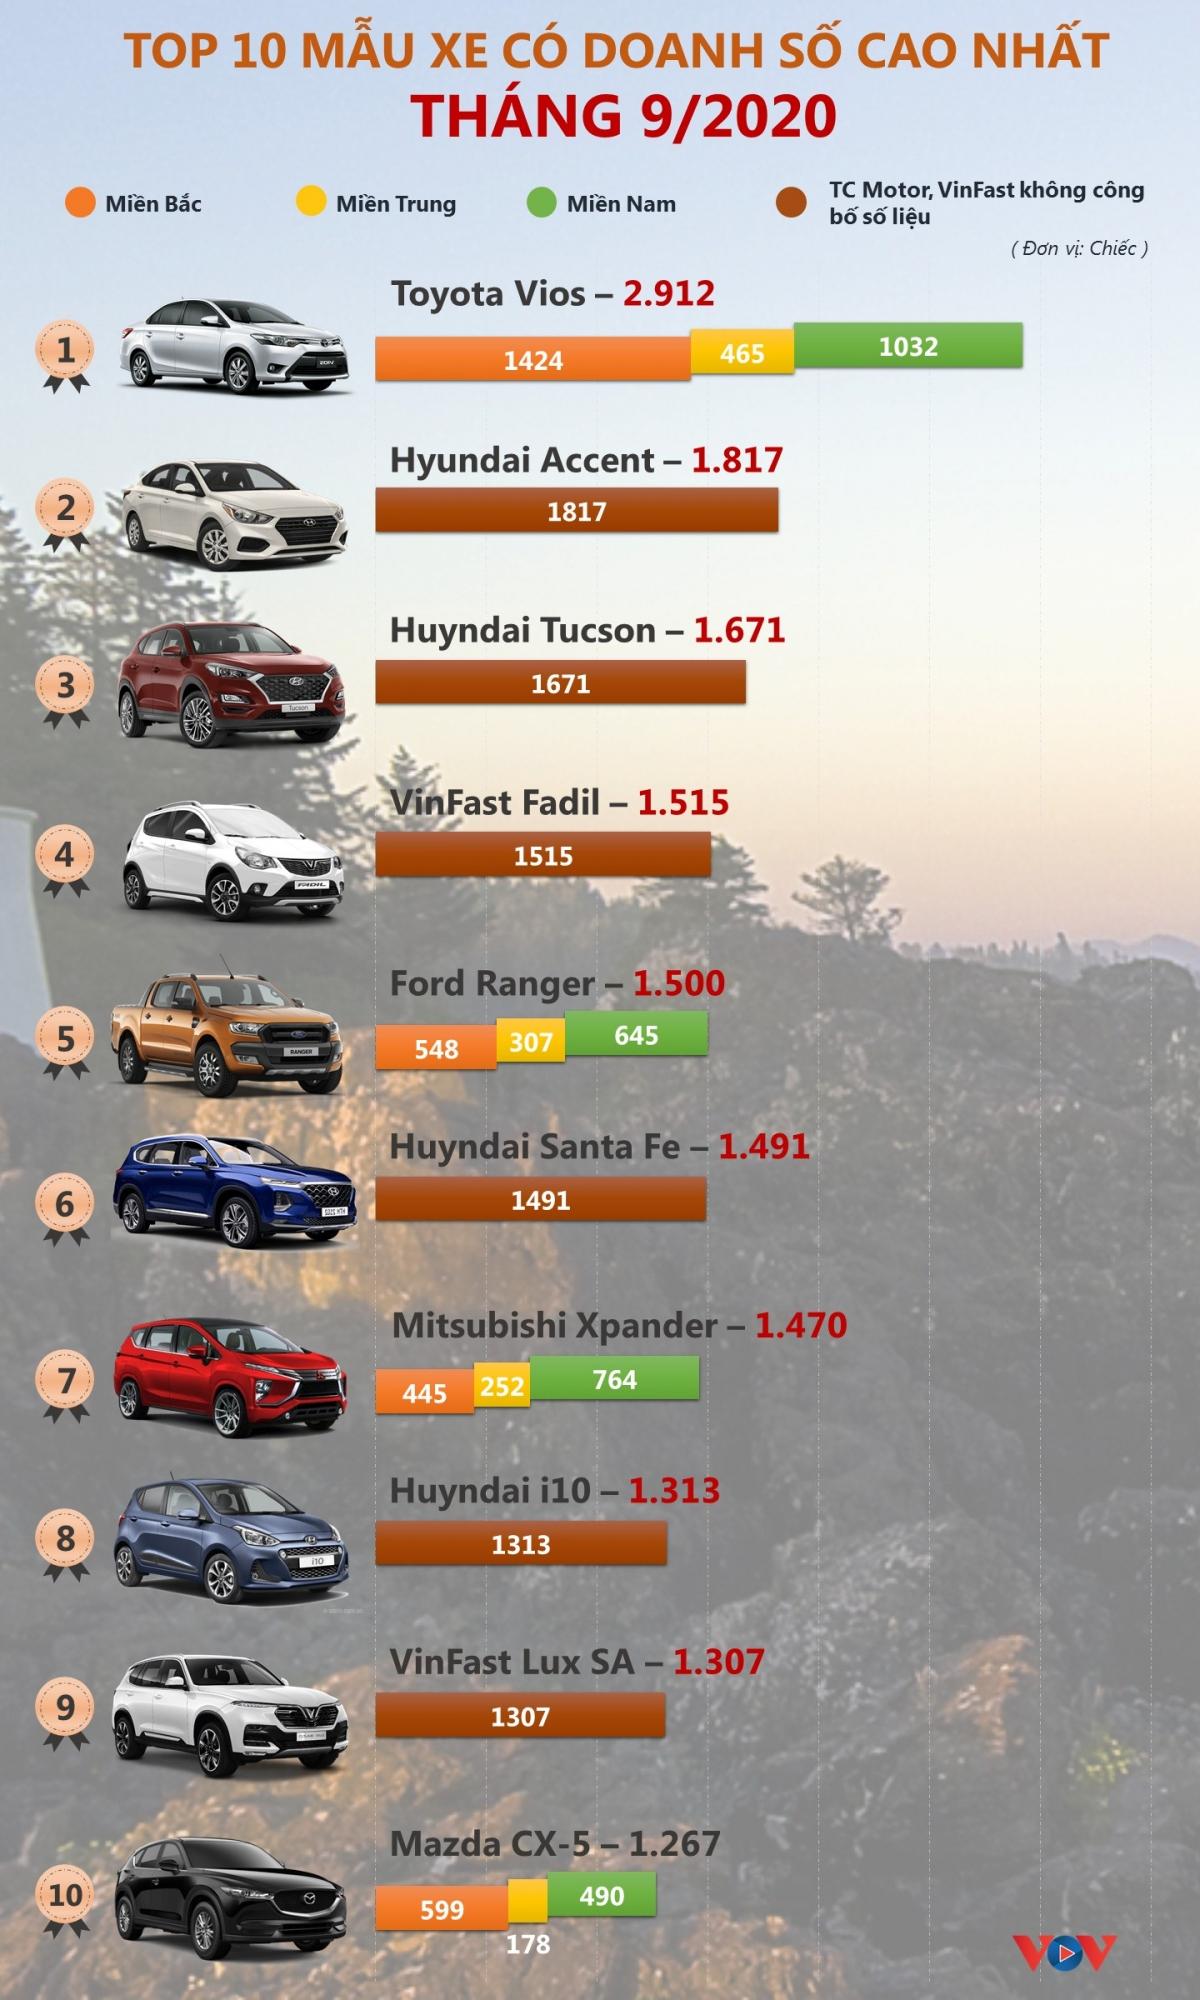 Theo số liệu báo cáo của VAMA (Hiệp hội các nhà sản xuất ô tô Việt Nam), TC Motor, VinFast.